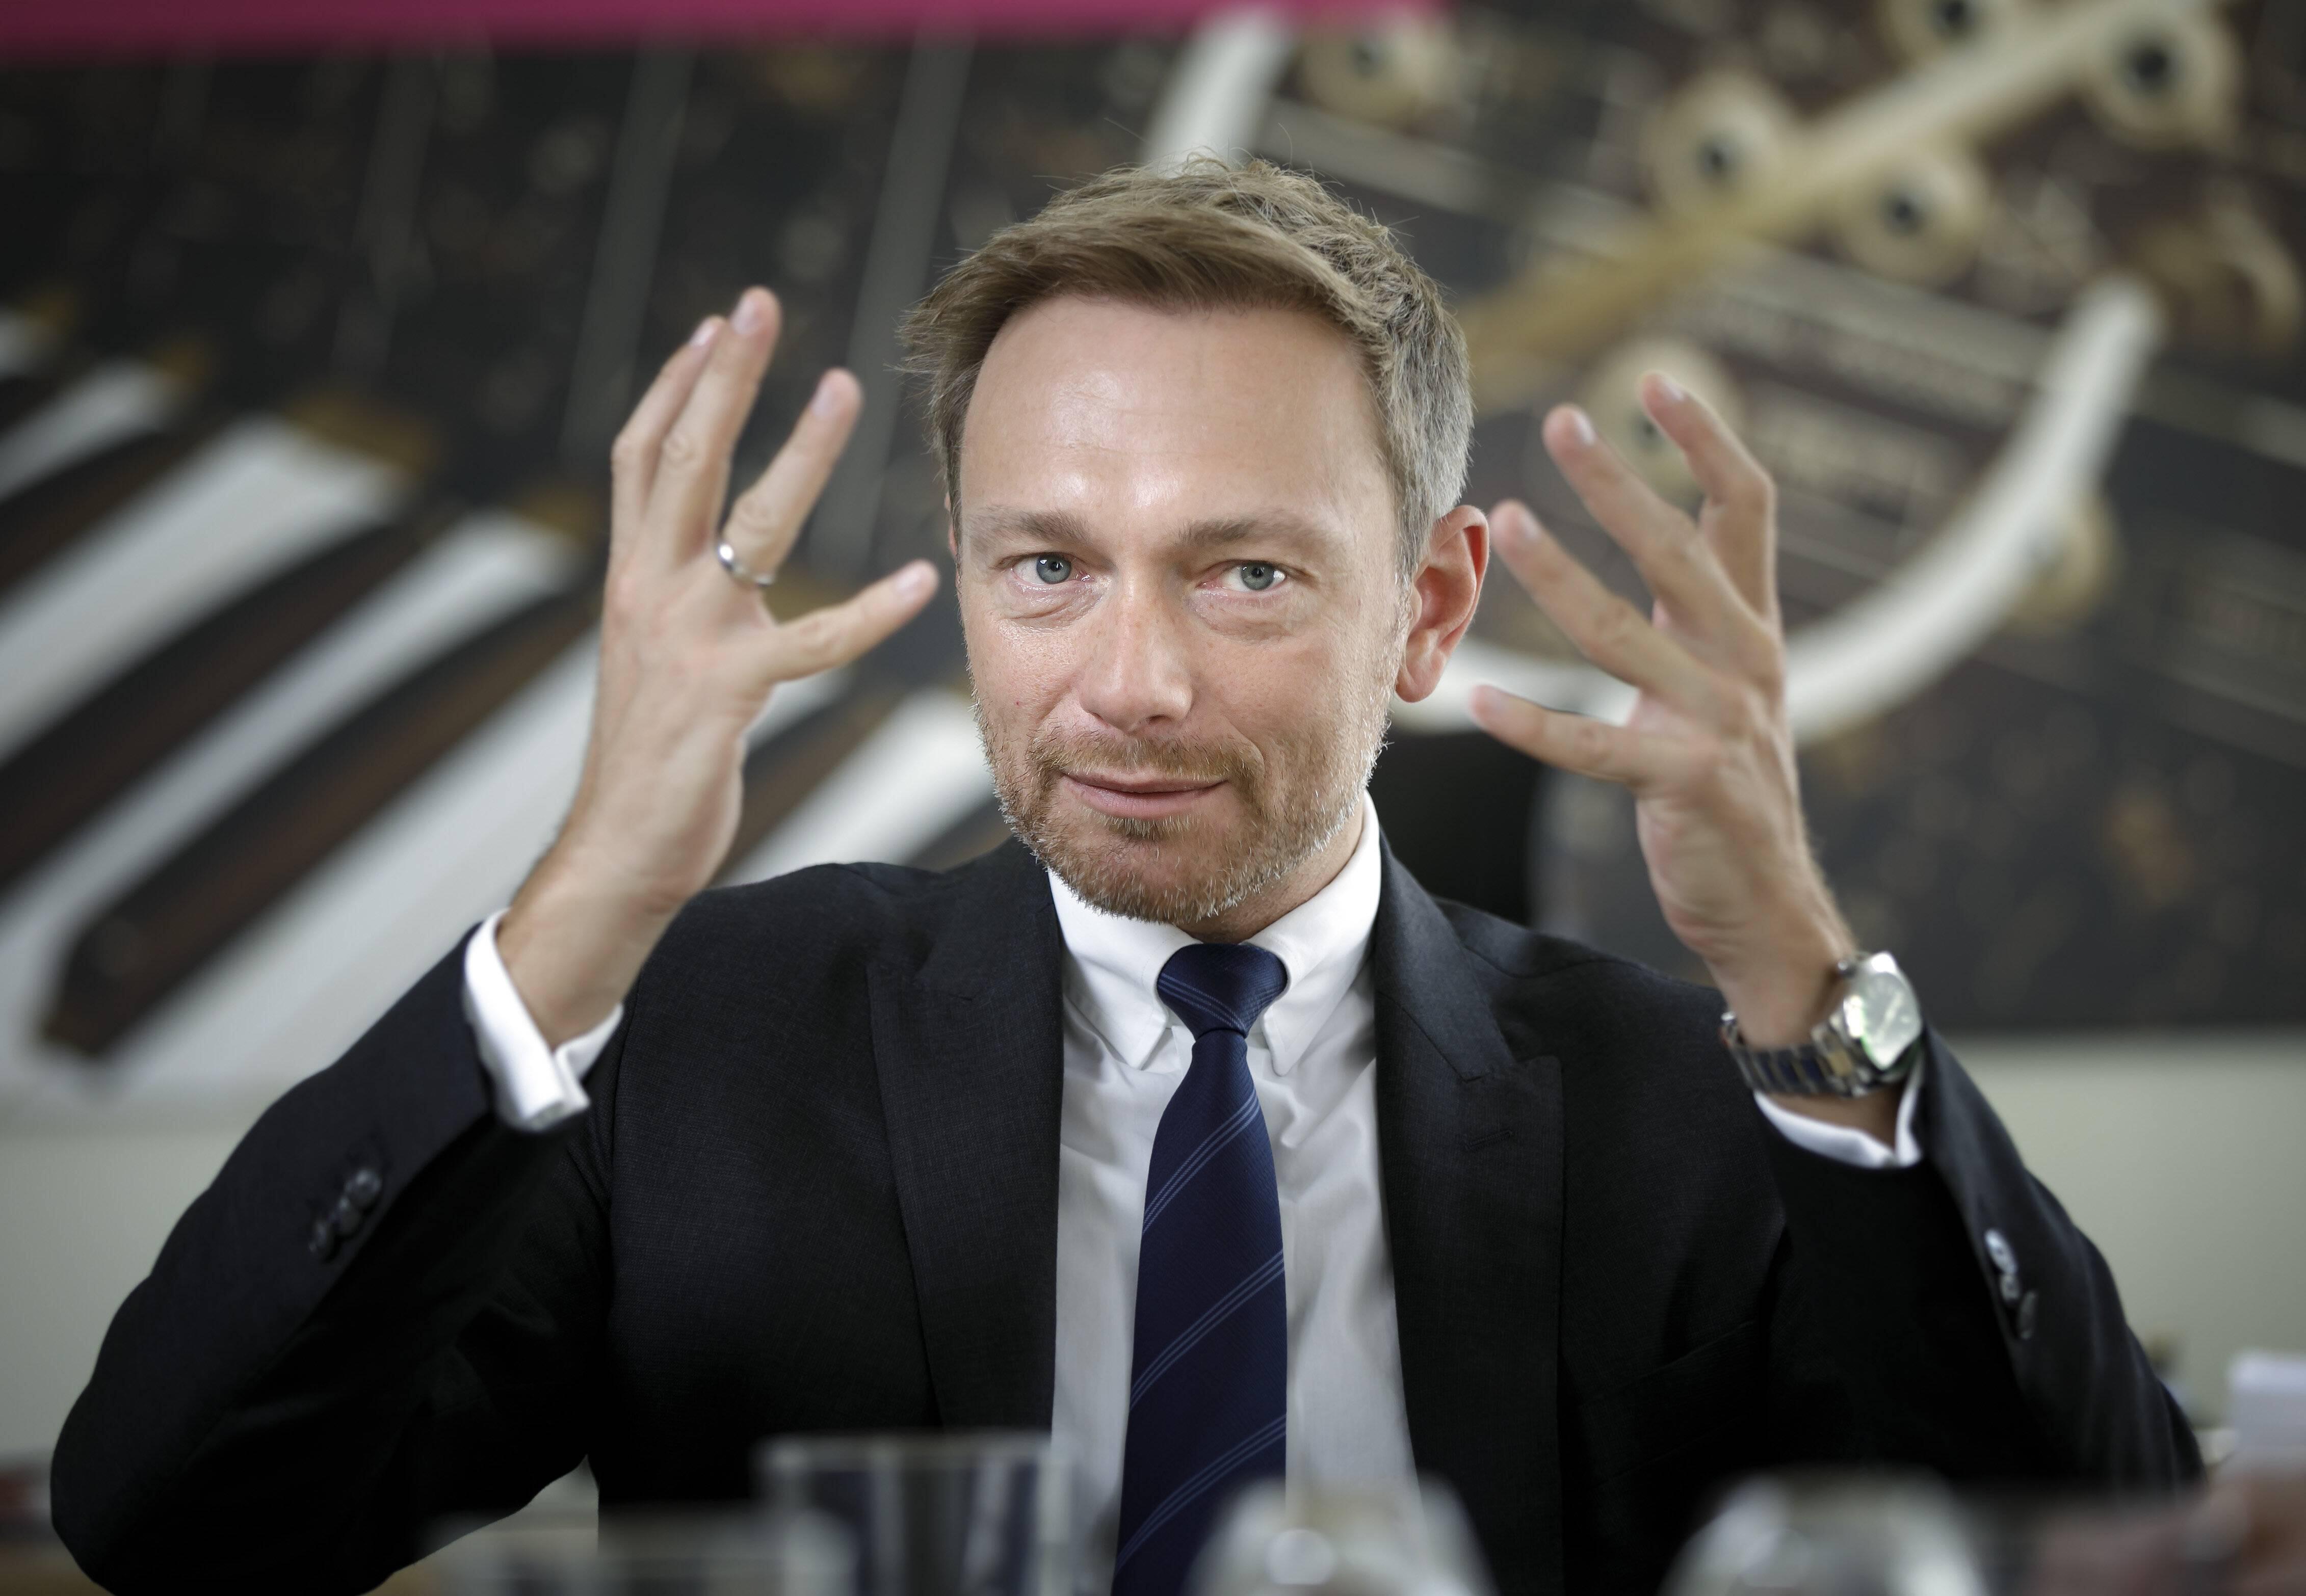 Bild zu Christian Lindner, FDP, Spitzenkandidat, Bundestagswahl